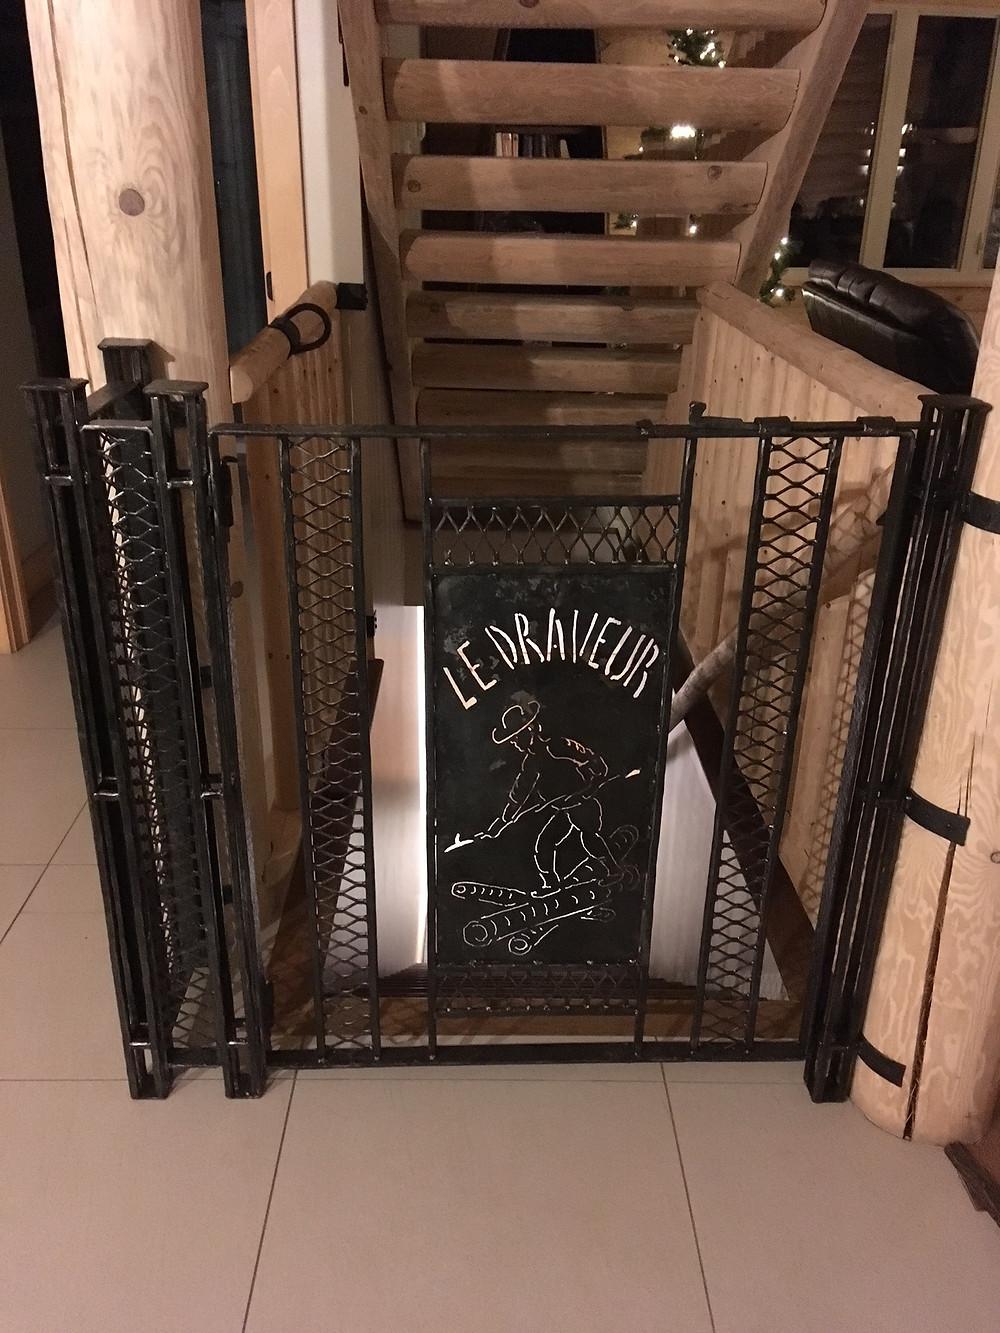 Barrière à fermeture automatique pour protéger contre les chute des enfants dans l'escalier.